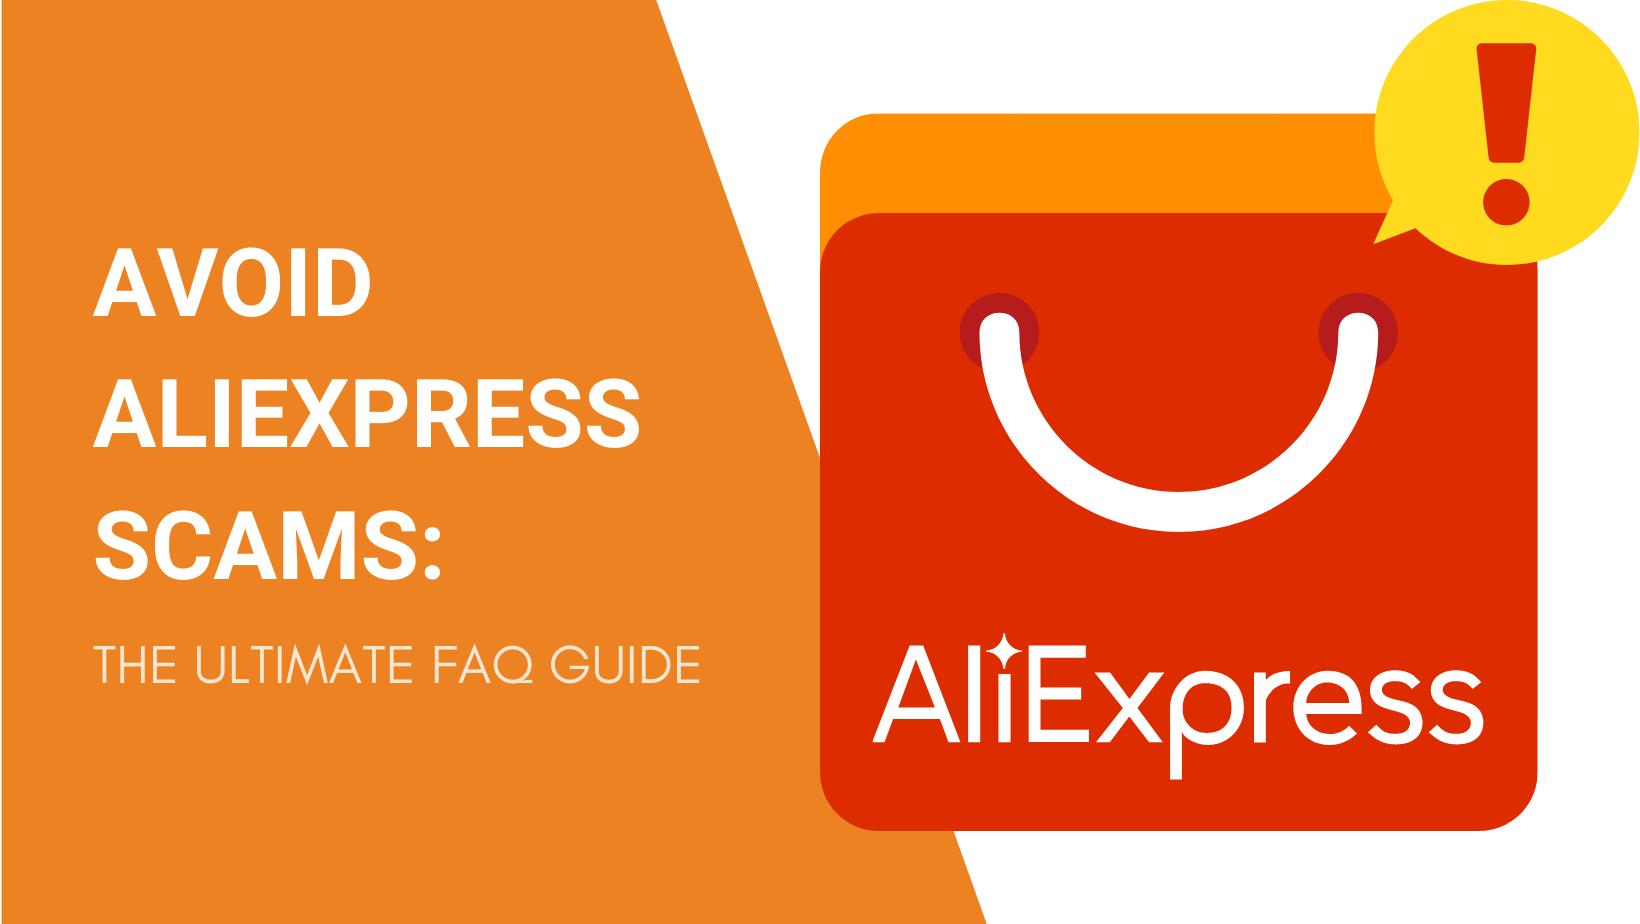 aliexpress scam